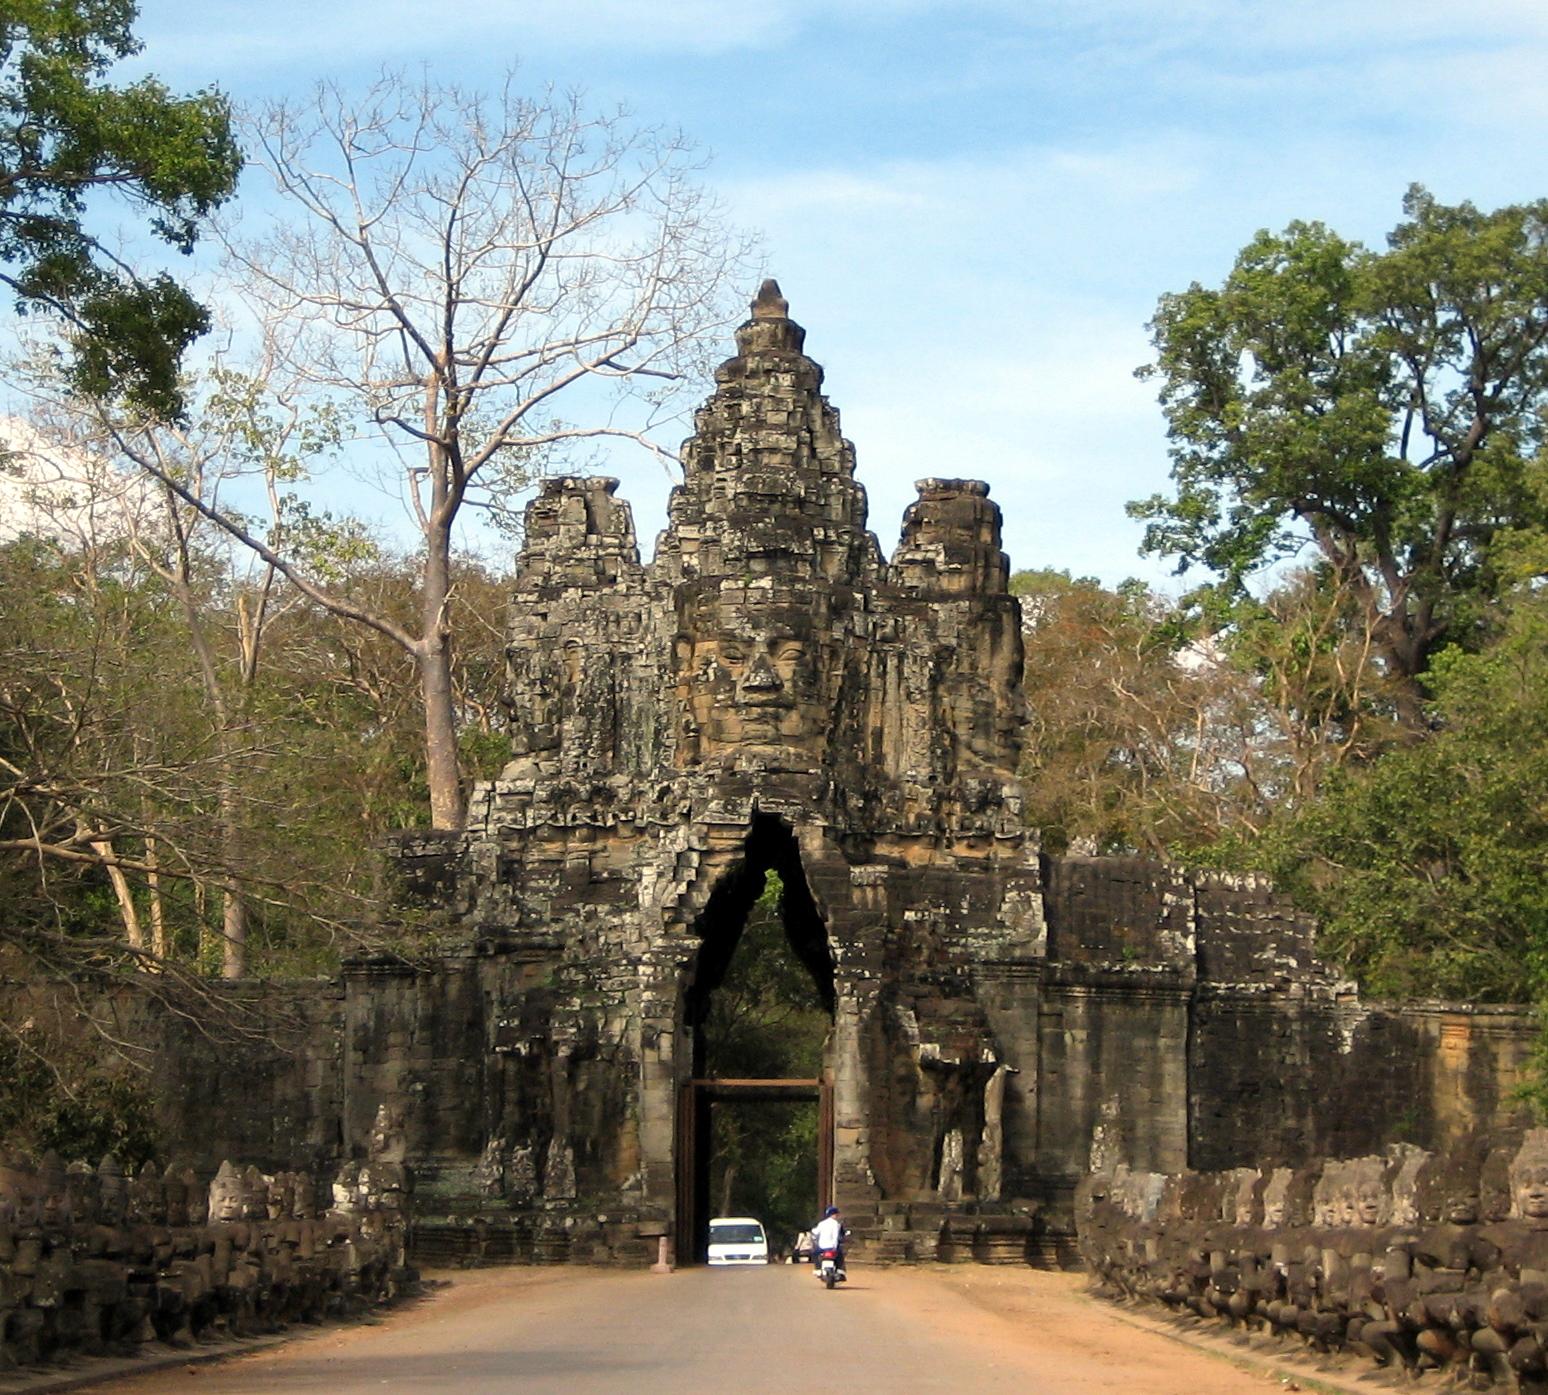 2009-01.1556 | Angkor Wat, Cambodia.